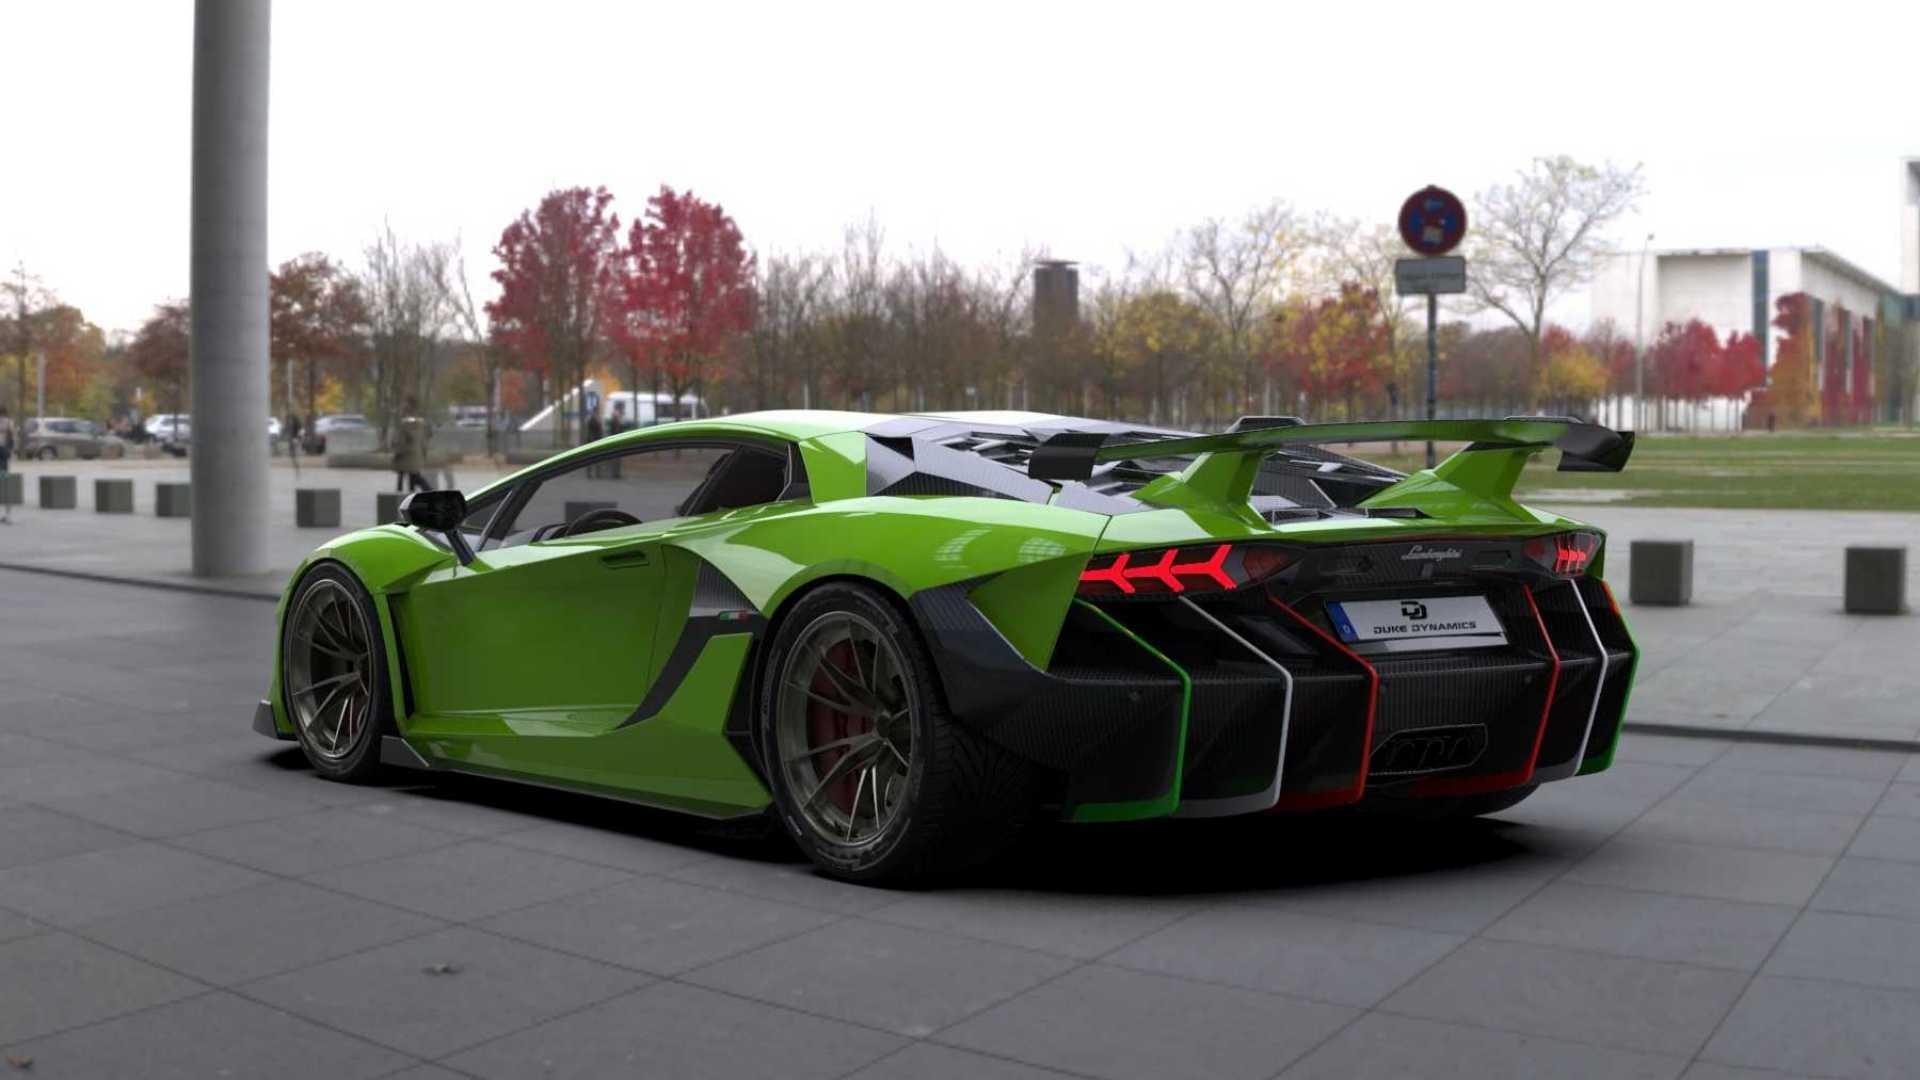 Tuning Lamborghini semnat de un român! Cât costă kitul aerodinamic